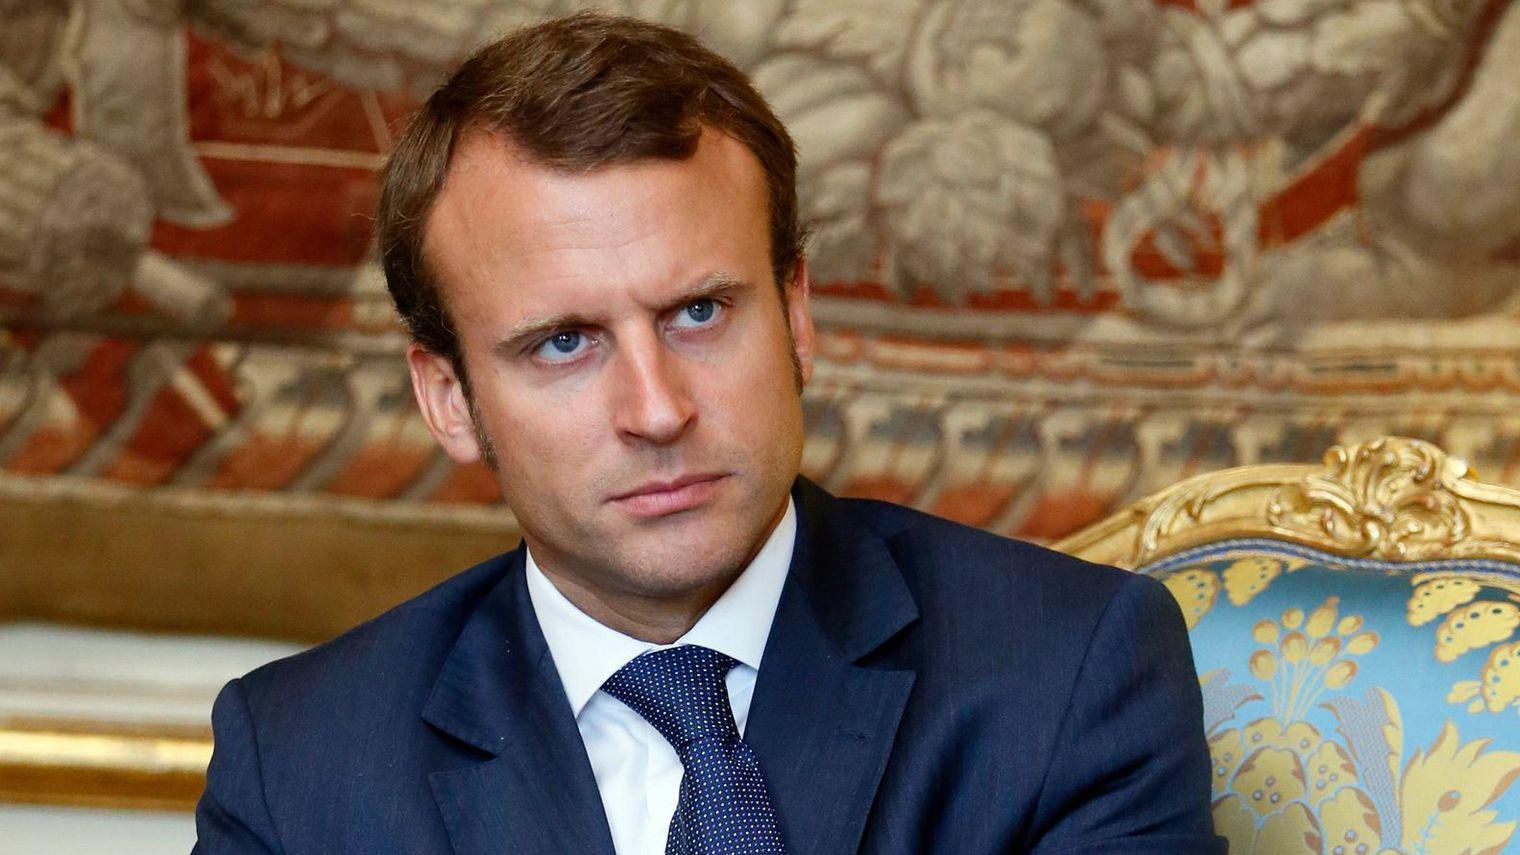 France : Emmanuel Macron, âgé de 38 ans se présente à l'élection présidentielle de 2017